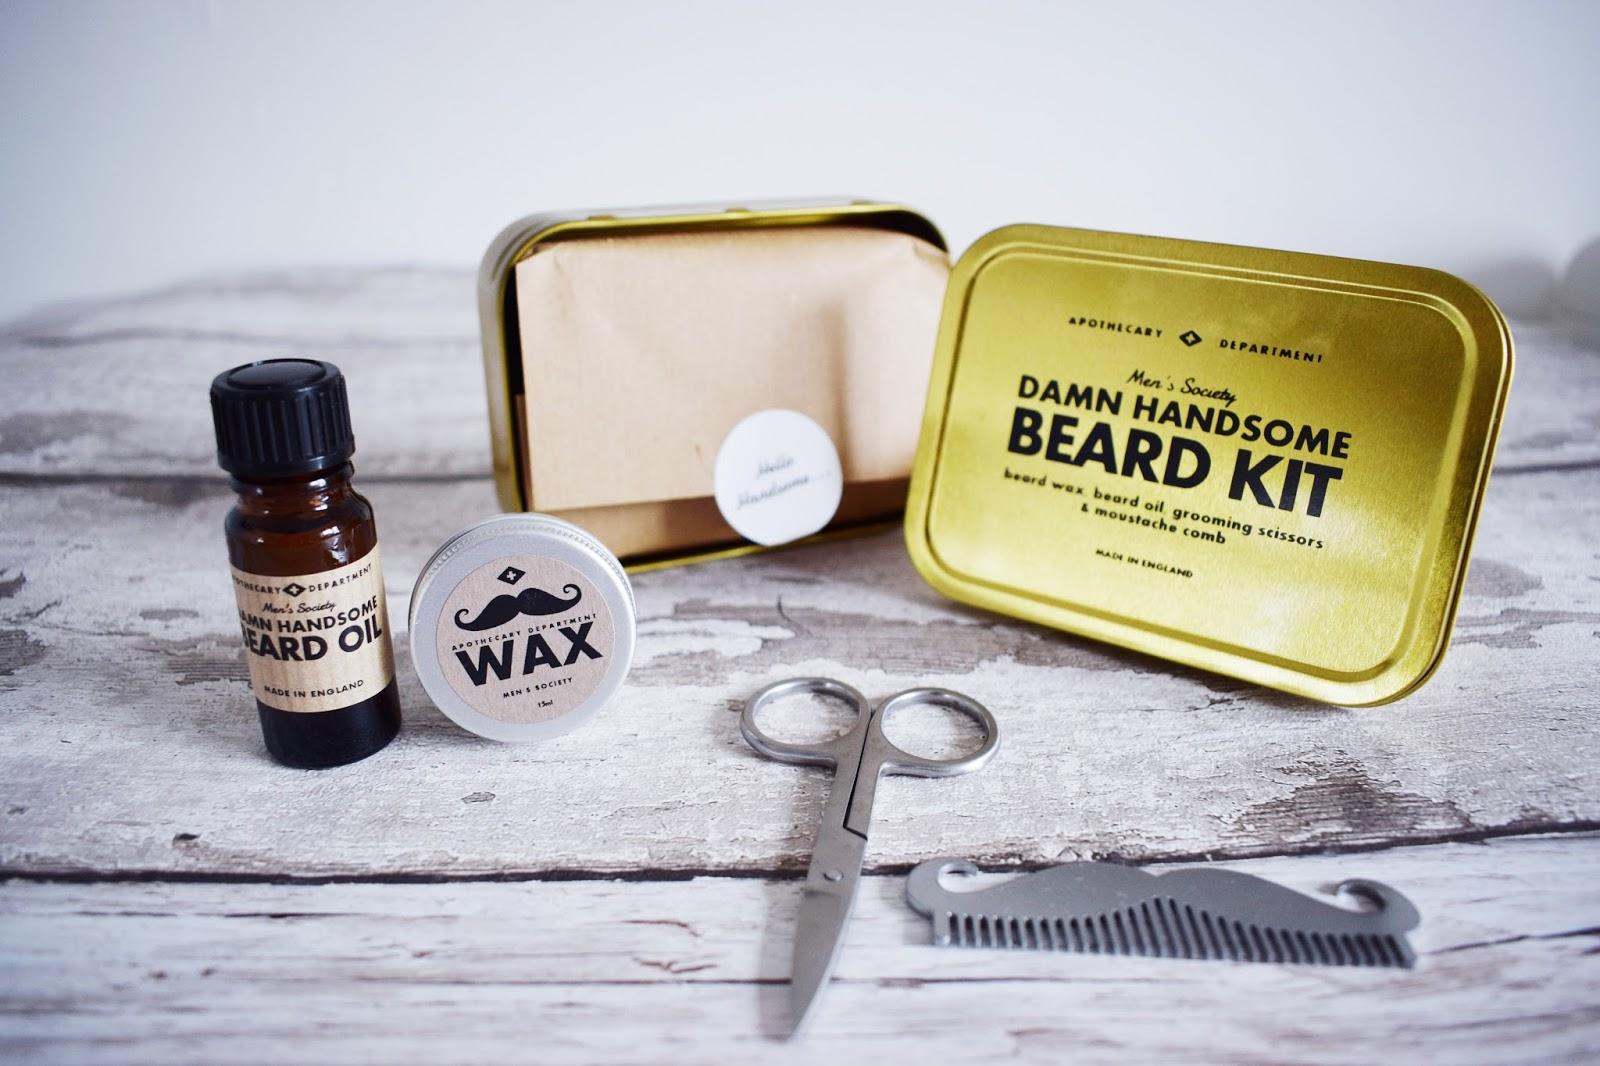 Men's Society Damn Handsome Beard Kit